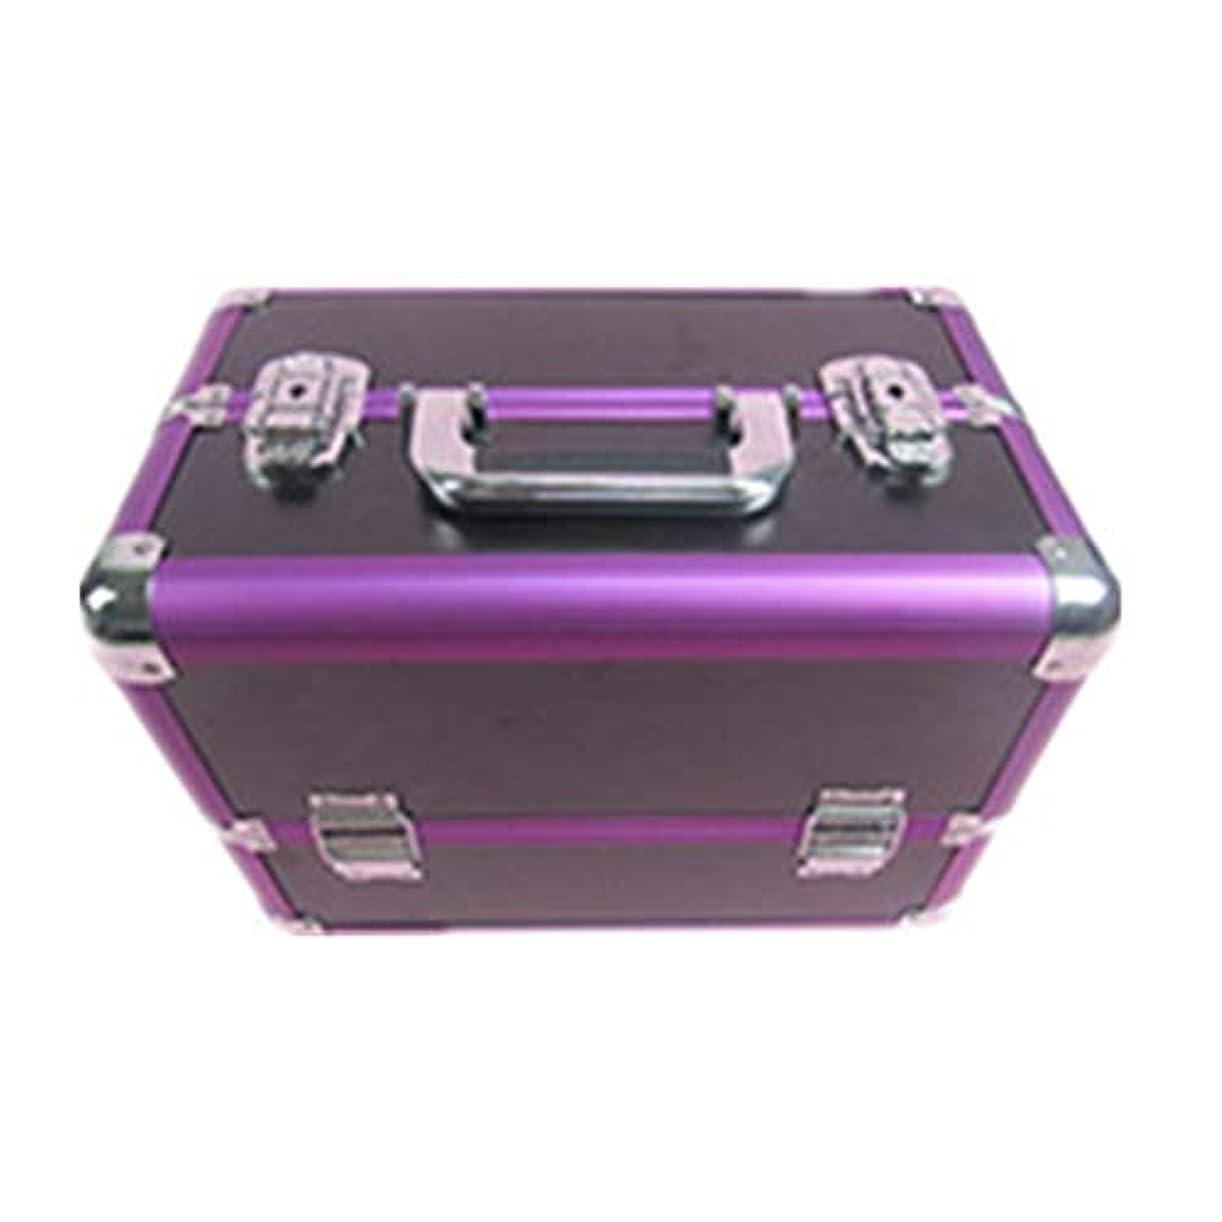 最初は調子世界に死んだ化粧オーガナイザーバッグ 大容量ポータブル化粧ケース(トラベルアクセサリー用)シャンプーボディウォッシュパーソナルアイテム収納トレイ(エクステンショントレイ付) 化粧品ケース